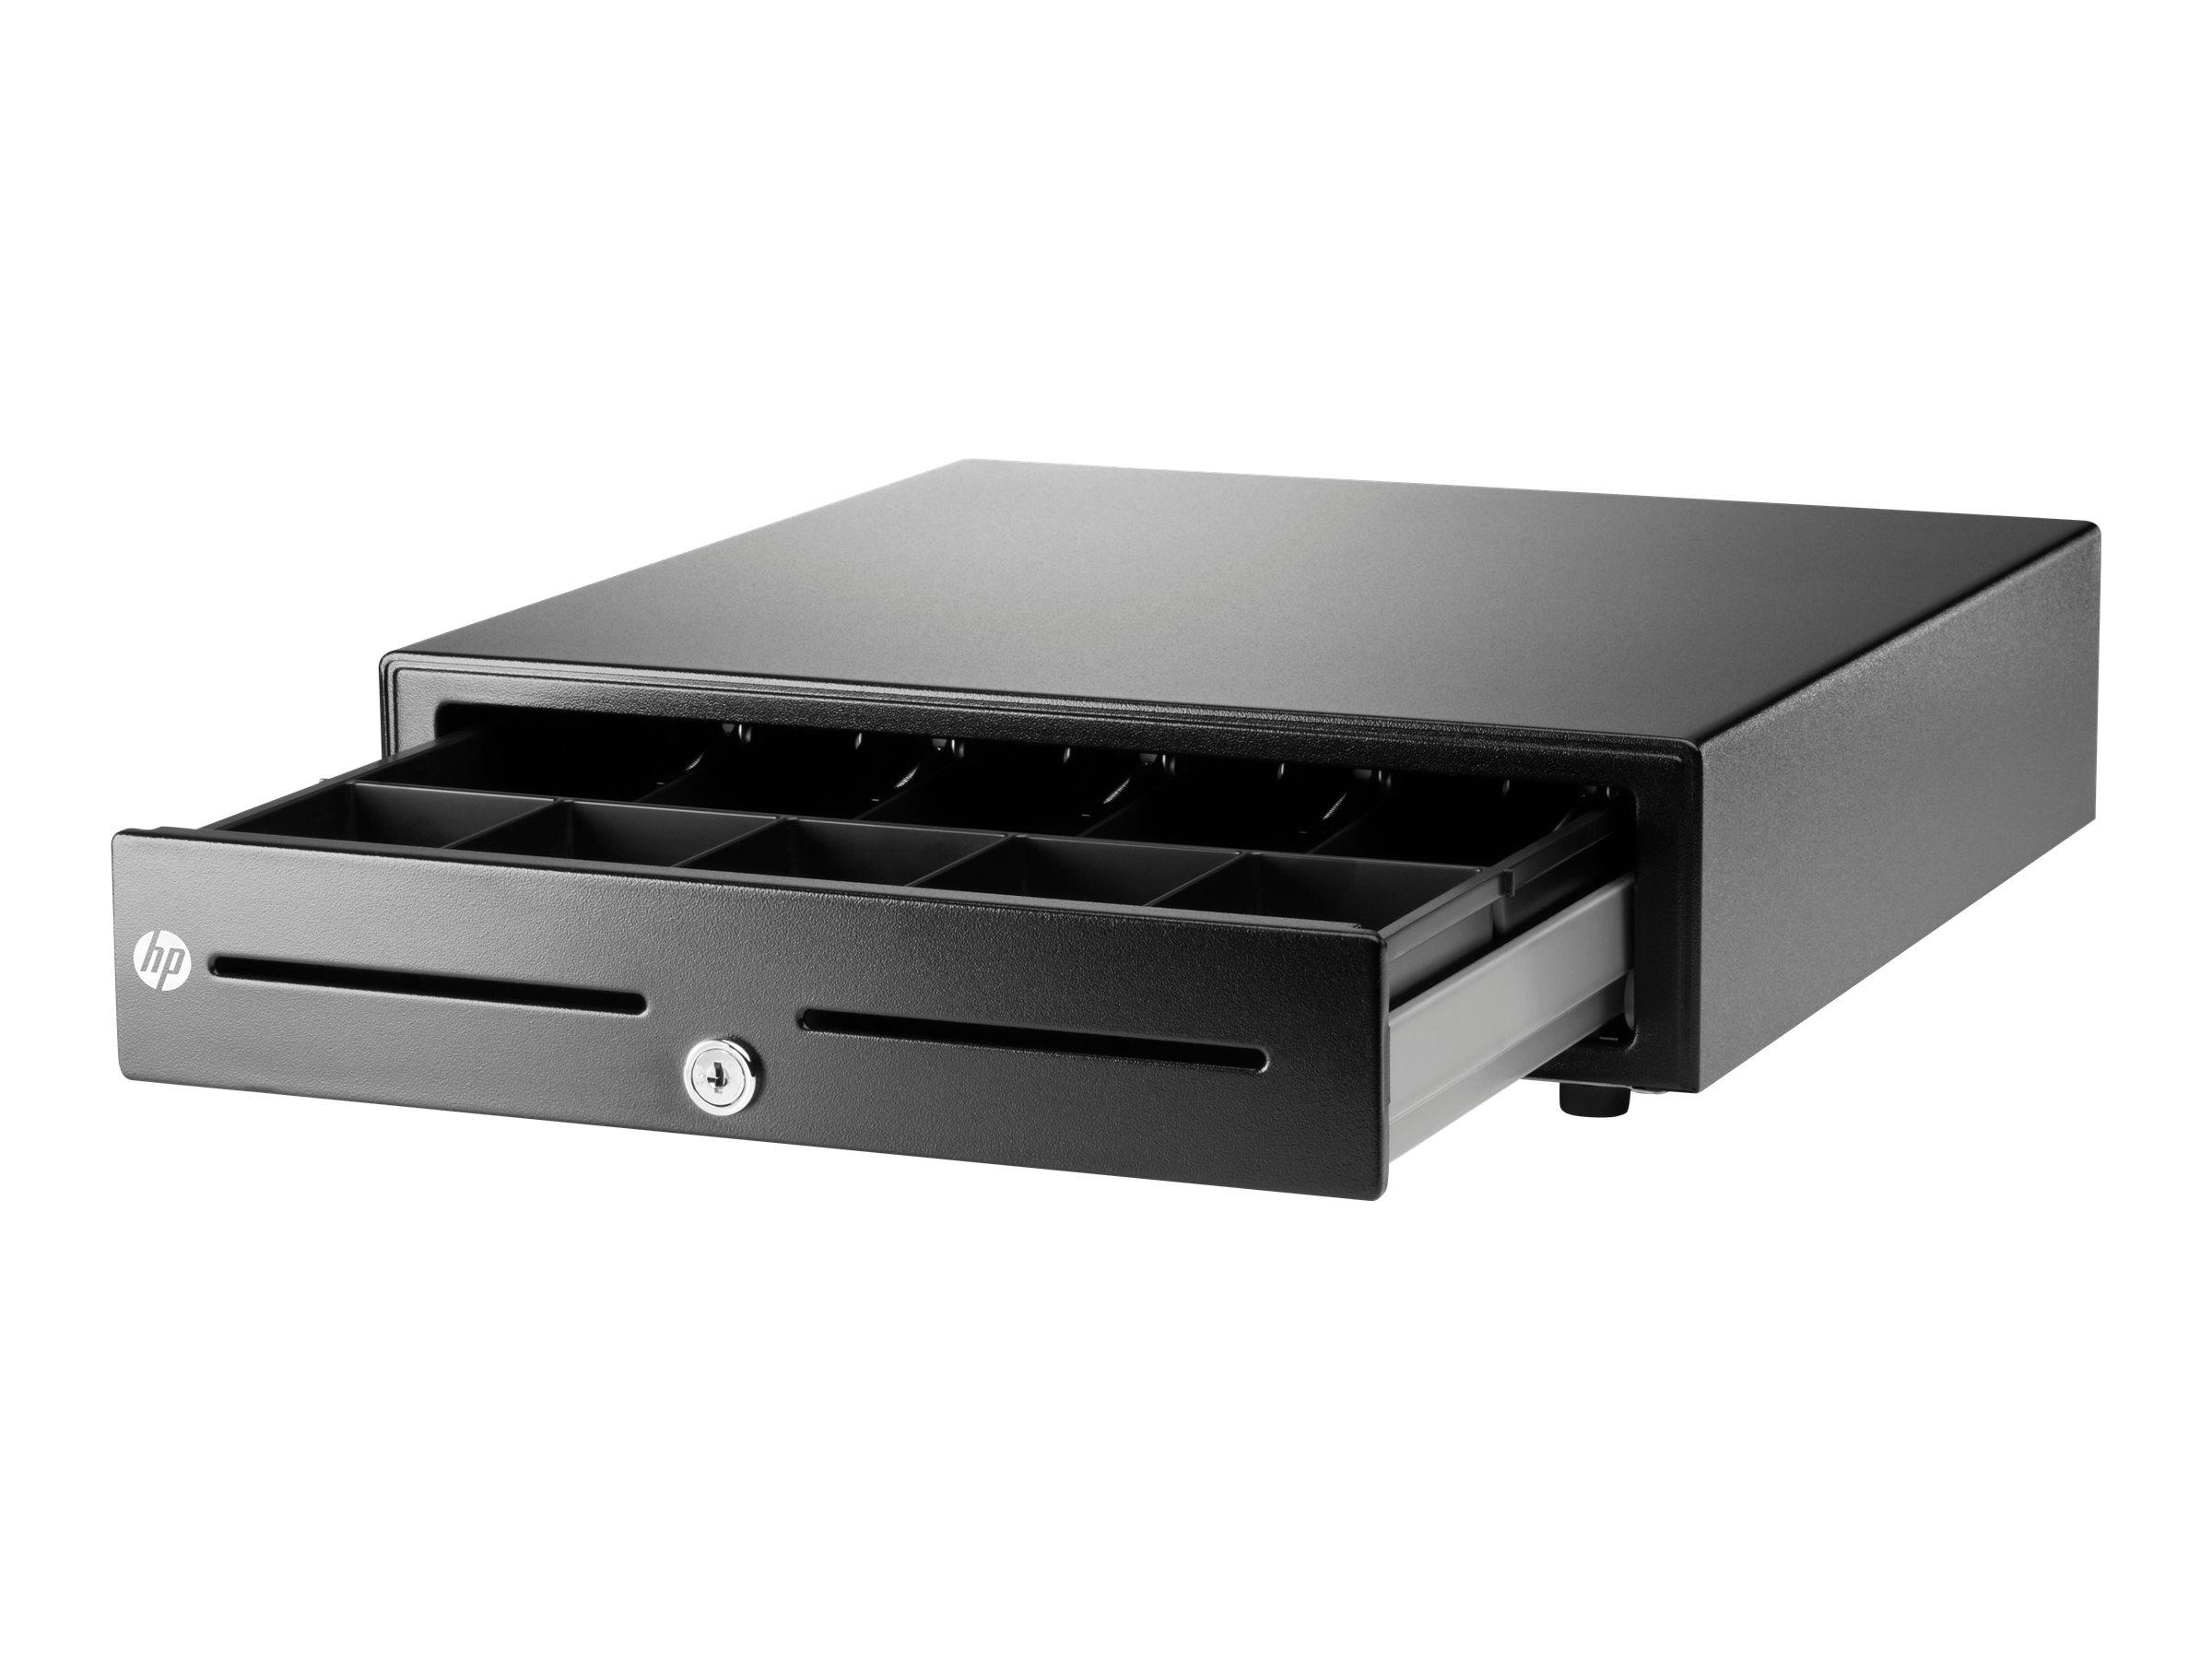 HP Standard Duty Cash Drawer - Elektronische Kassenschublade - Schwarz - für ElitePad 1000 G2; ElitePOS G1 Retail System; Engage